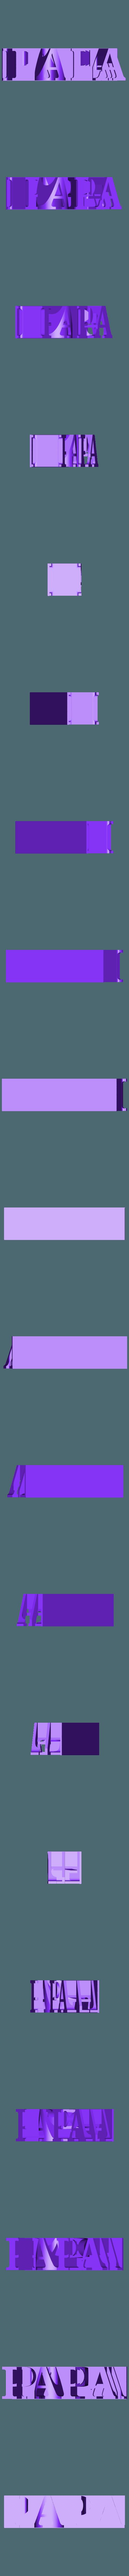 E21260c2 37d3 4a16 9f3e 71d4321df0c2